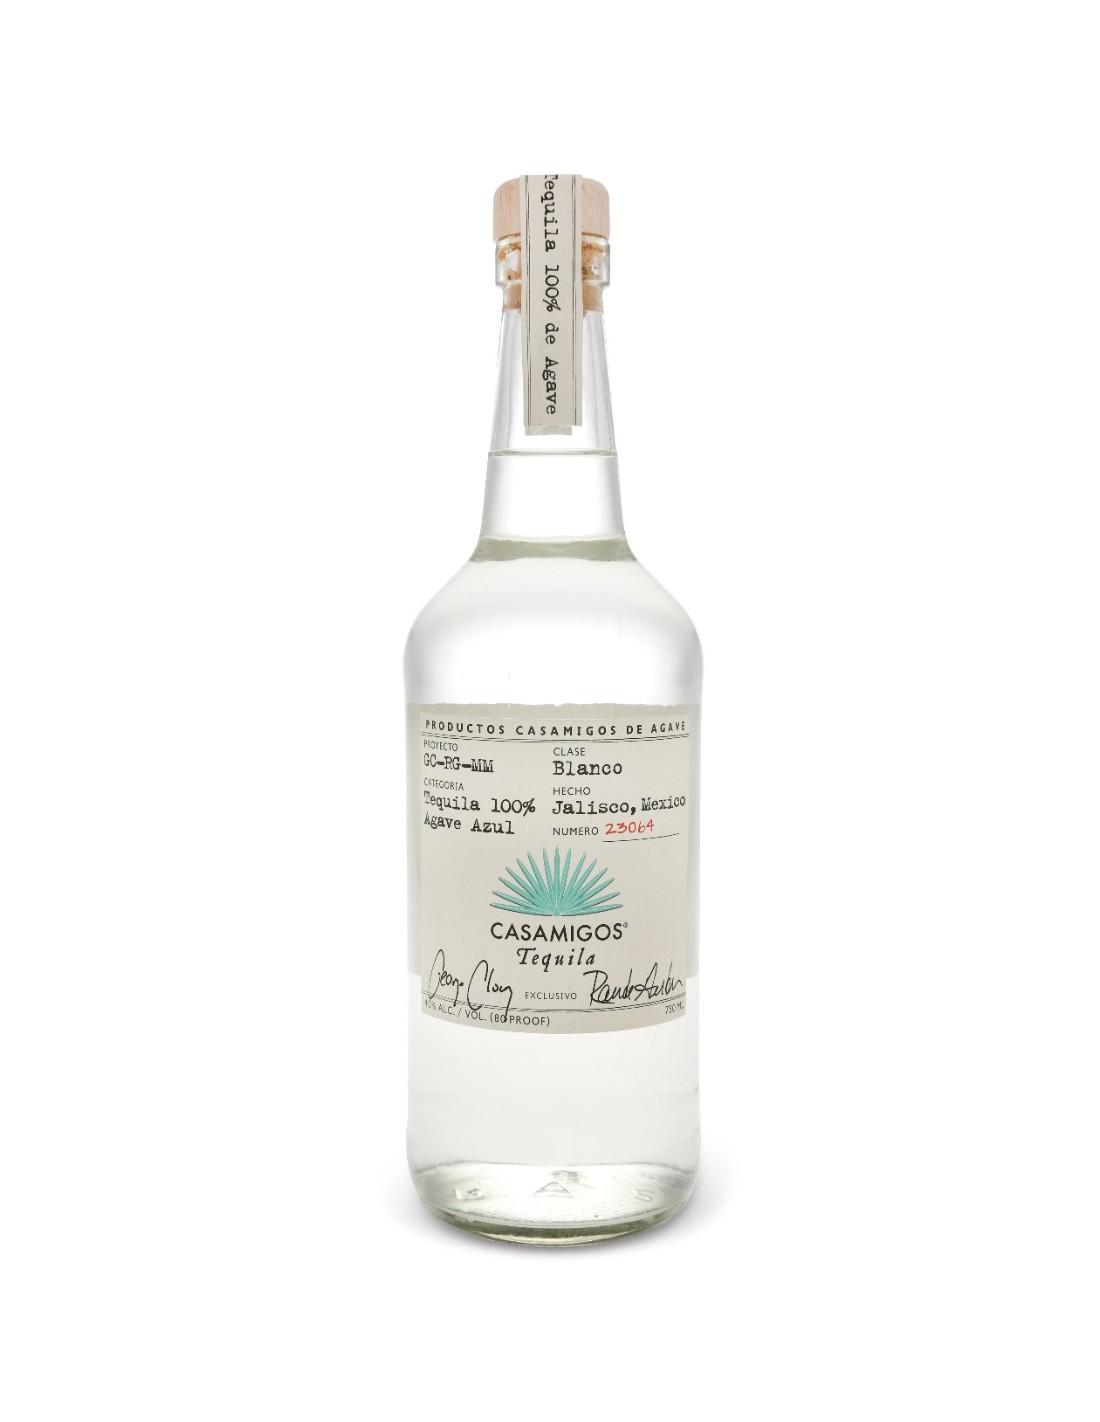 Tequila Casamigos Blanco, 40% alc., 0.7L, Mexic